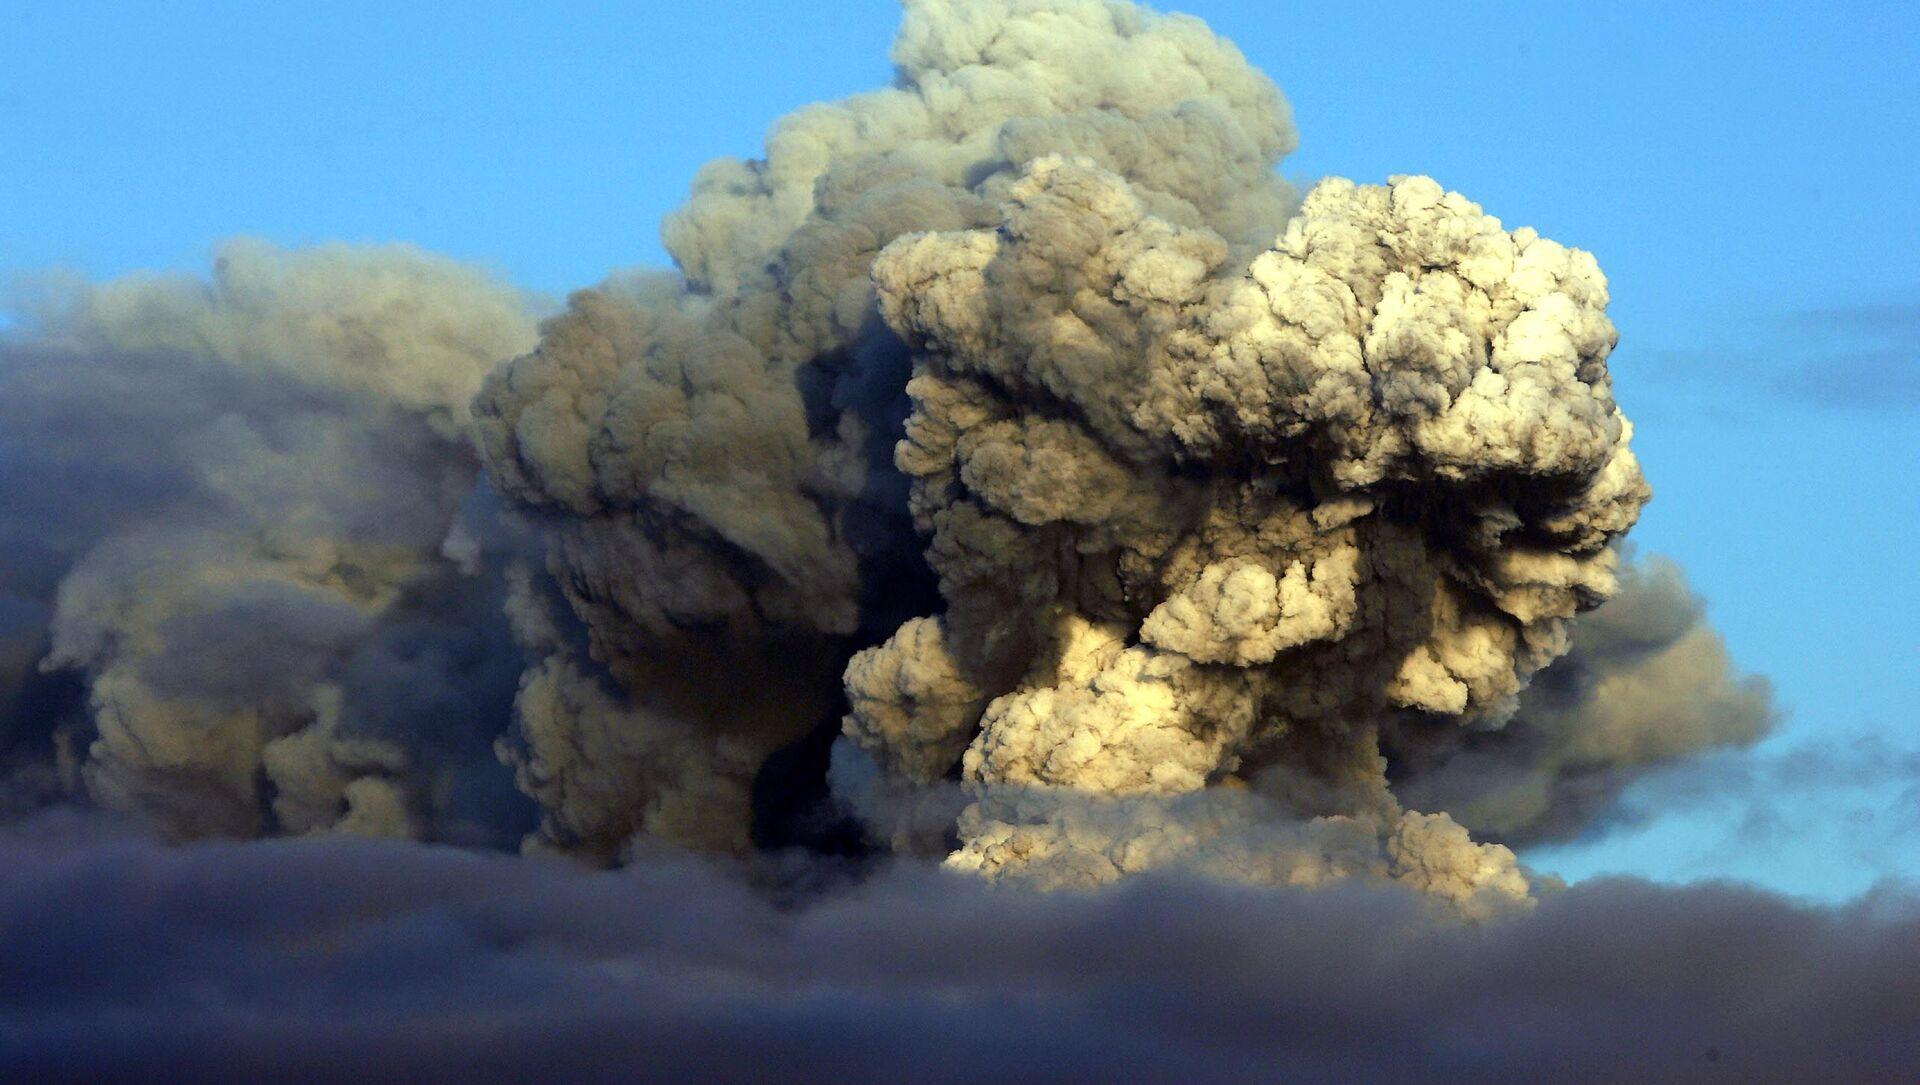 Erupce sopky Eyjafjallajokull na Islandu - Sputnik Česká republika, 1920, 10.07.2020